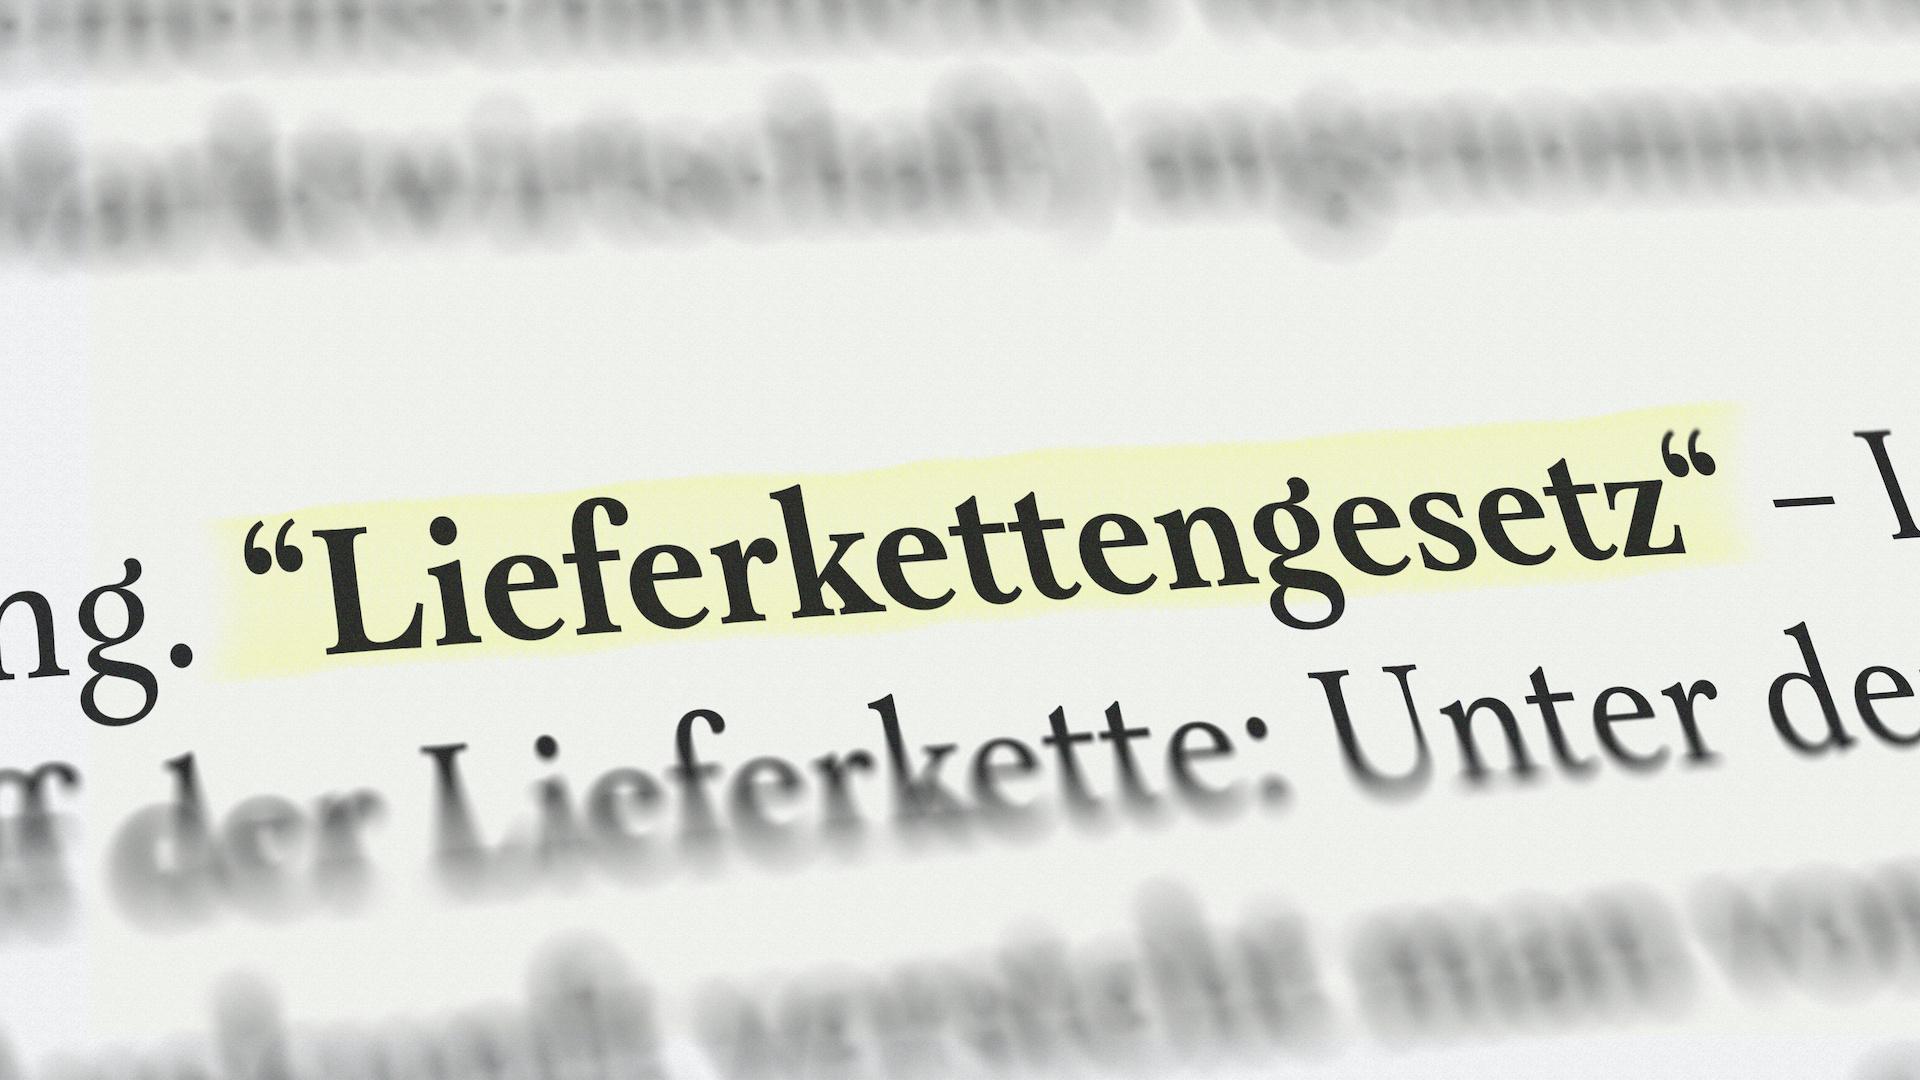 Lieferkettengesetz in Deutschland